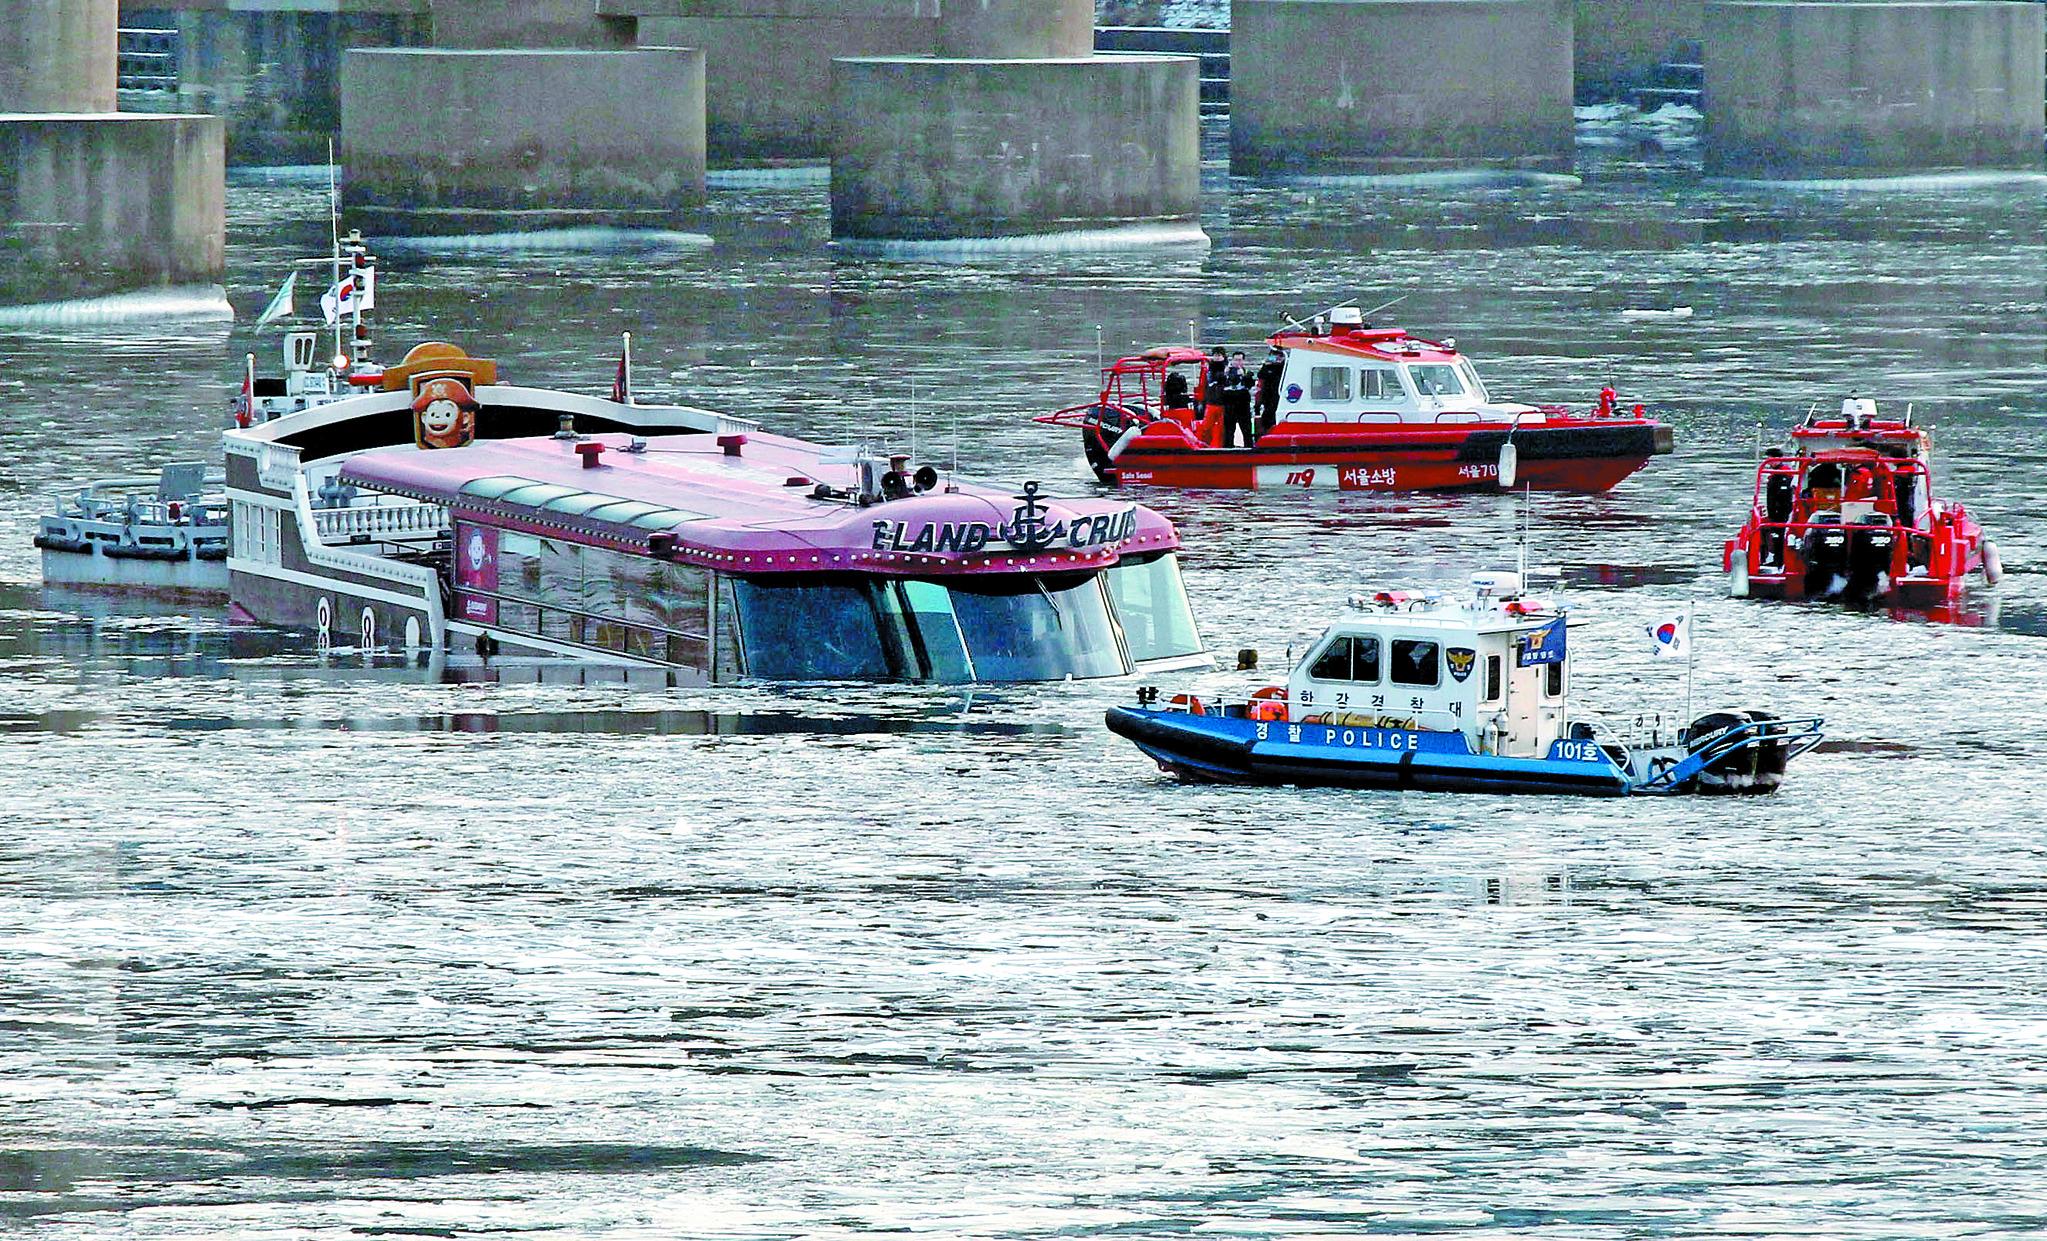 이랜드 크루즈사의 125t급 유람선이 2016년 1월 26일 오후 2시30분쯤 서울 영동대교 인근에서 침수됐다. 탑승자 11명은 119수난구조대에 의해 20여 분 만에 모두 무사히 구조됐다. [중앙포토]